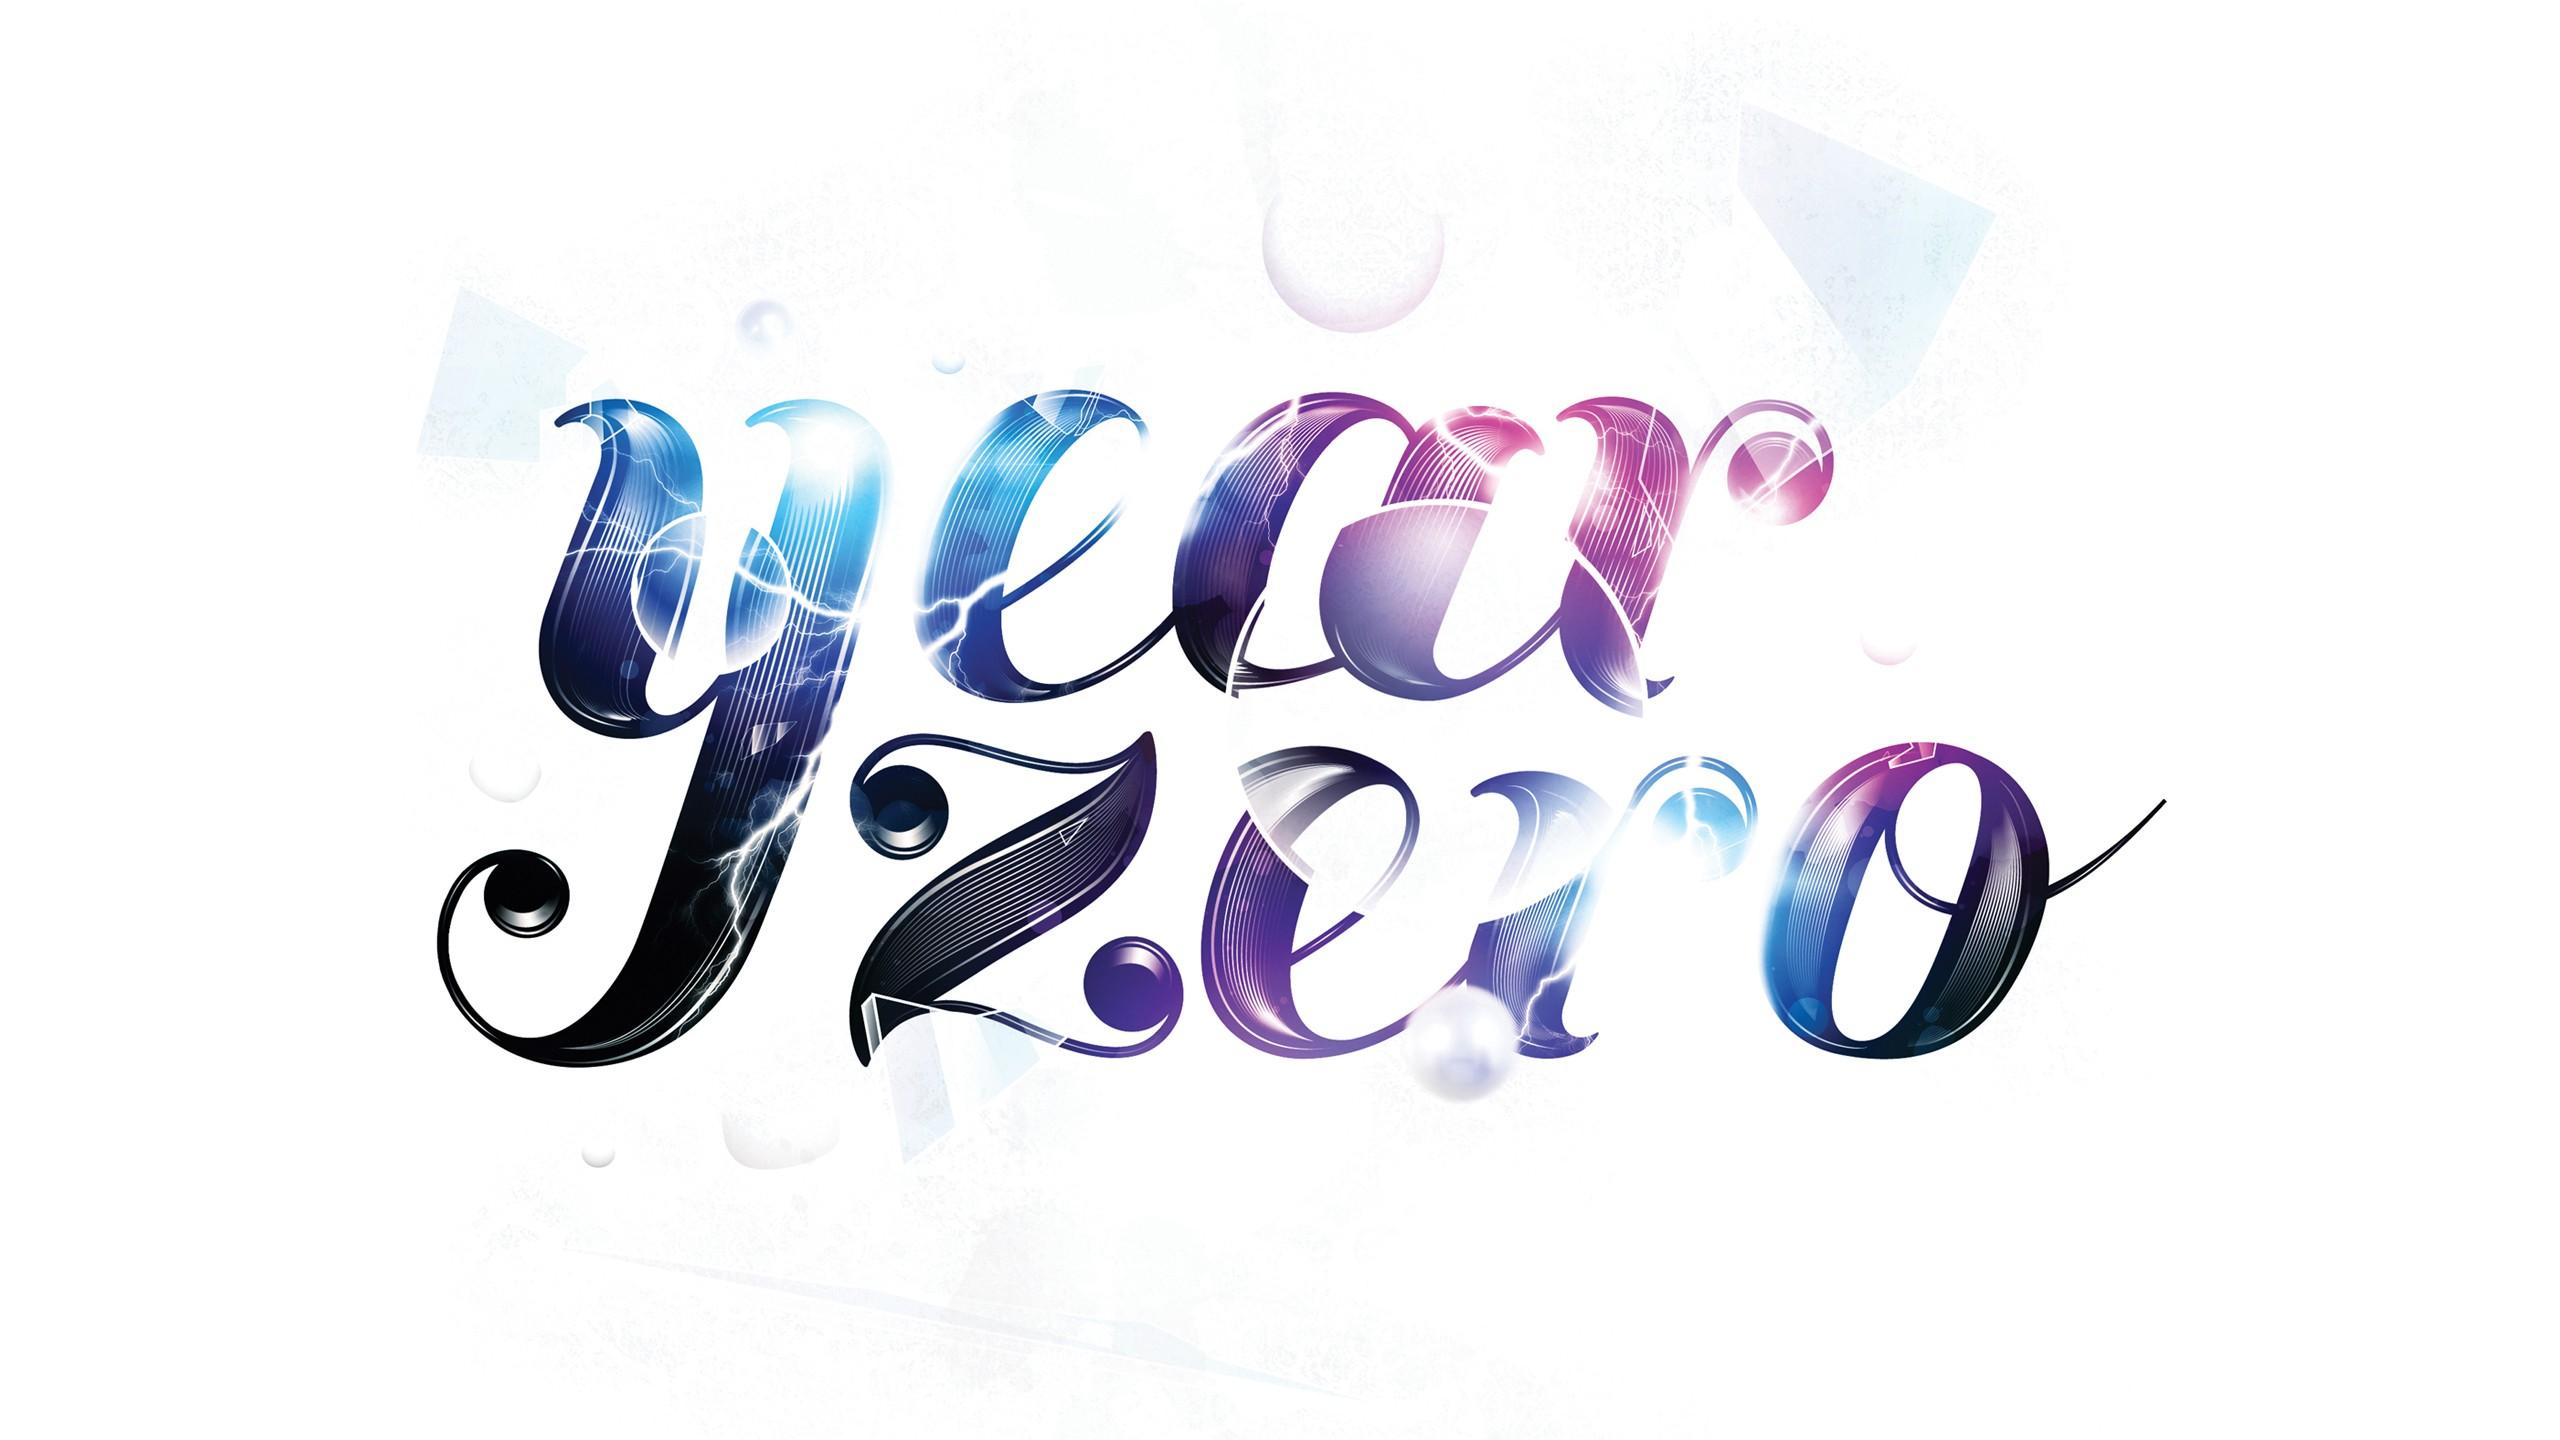 Fond Décran Illustration Typographie Texte Fond Blanc